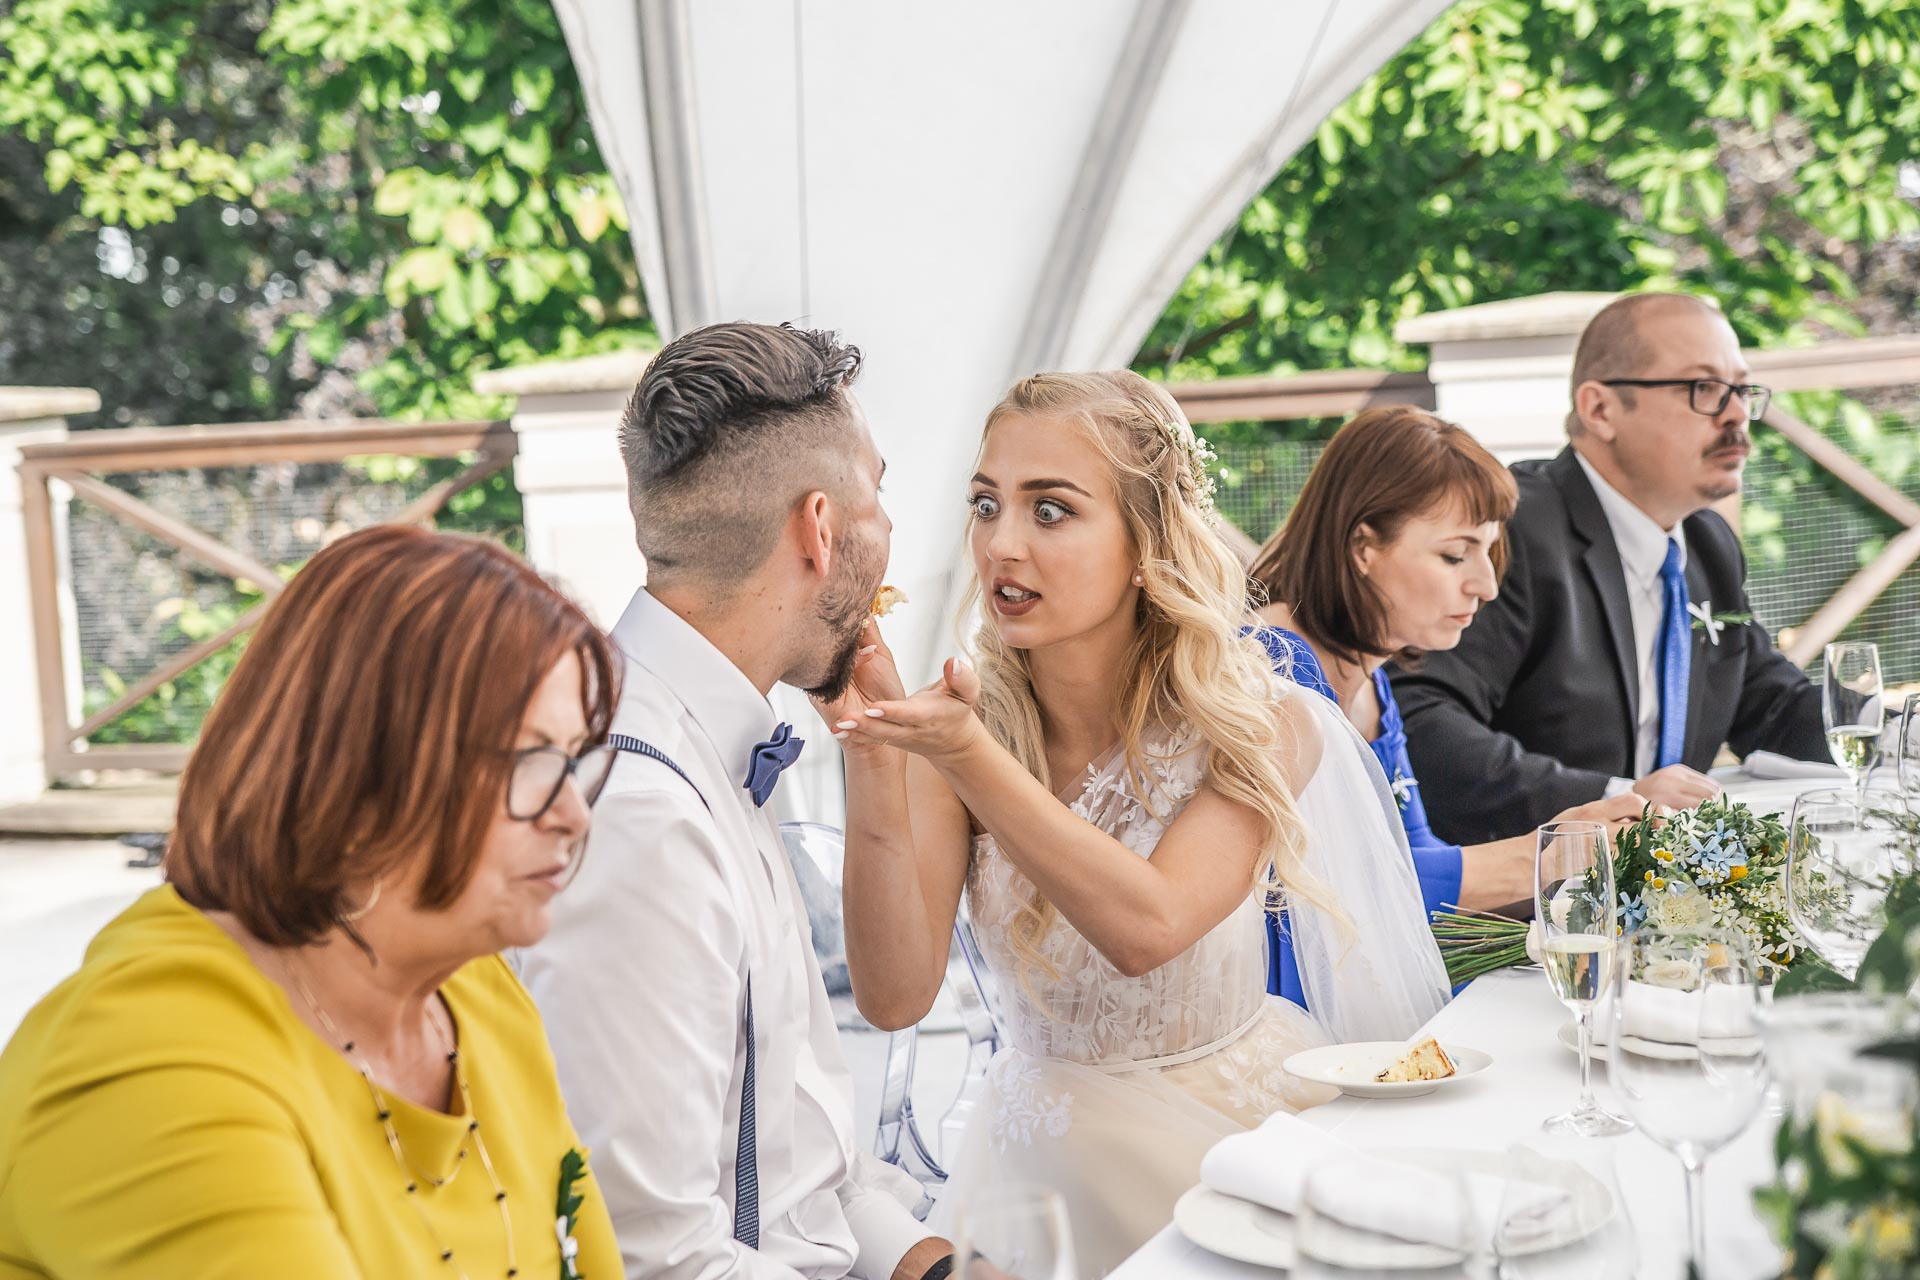 svatební-fotograf-zámek-Loučeň-svatební-video-zámek-Loučeň-4445